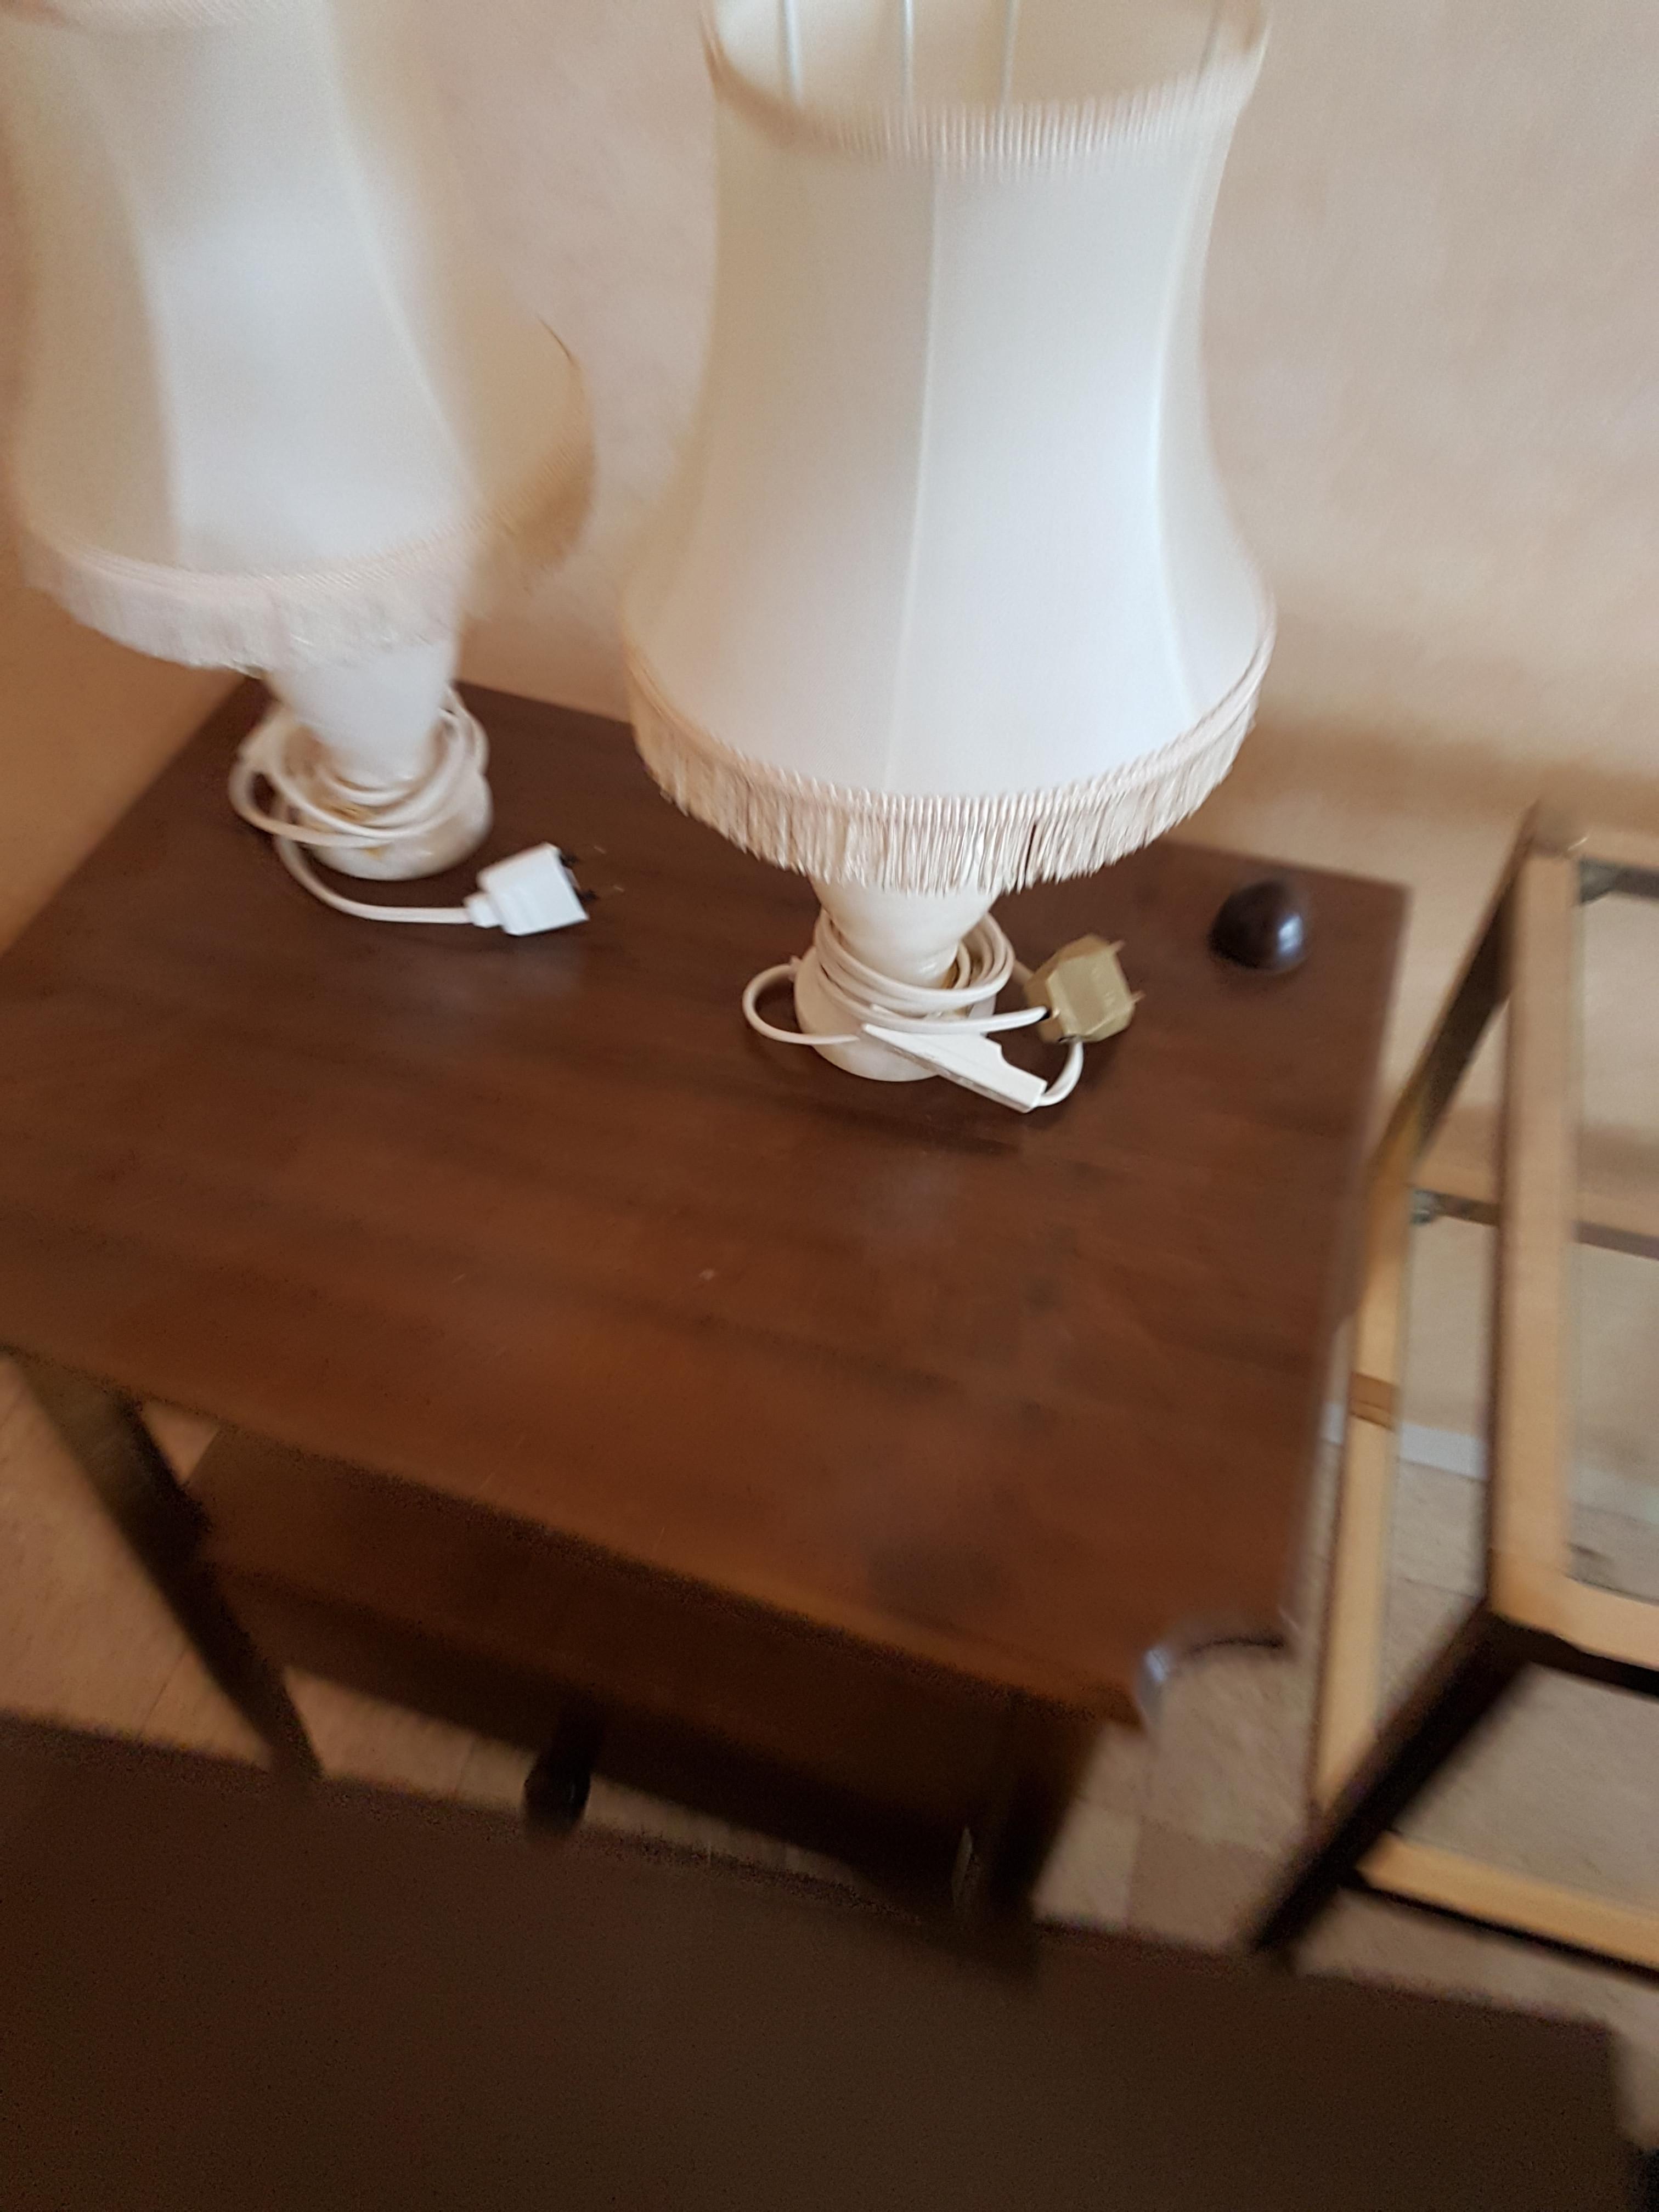 Lampe de chevet en albâtre Les Vieilles Choses